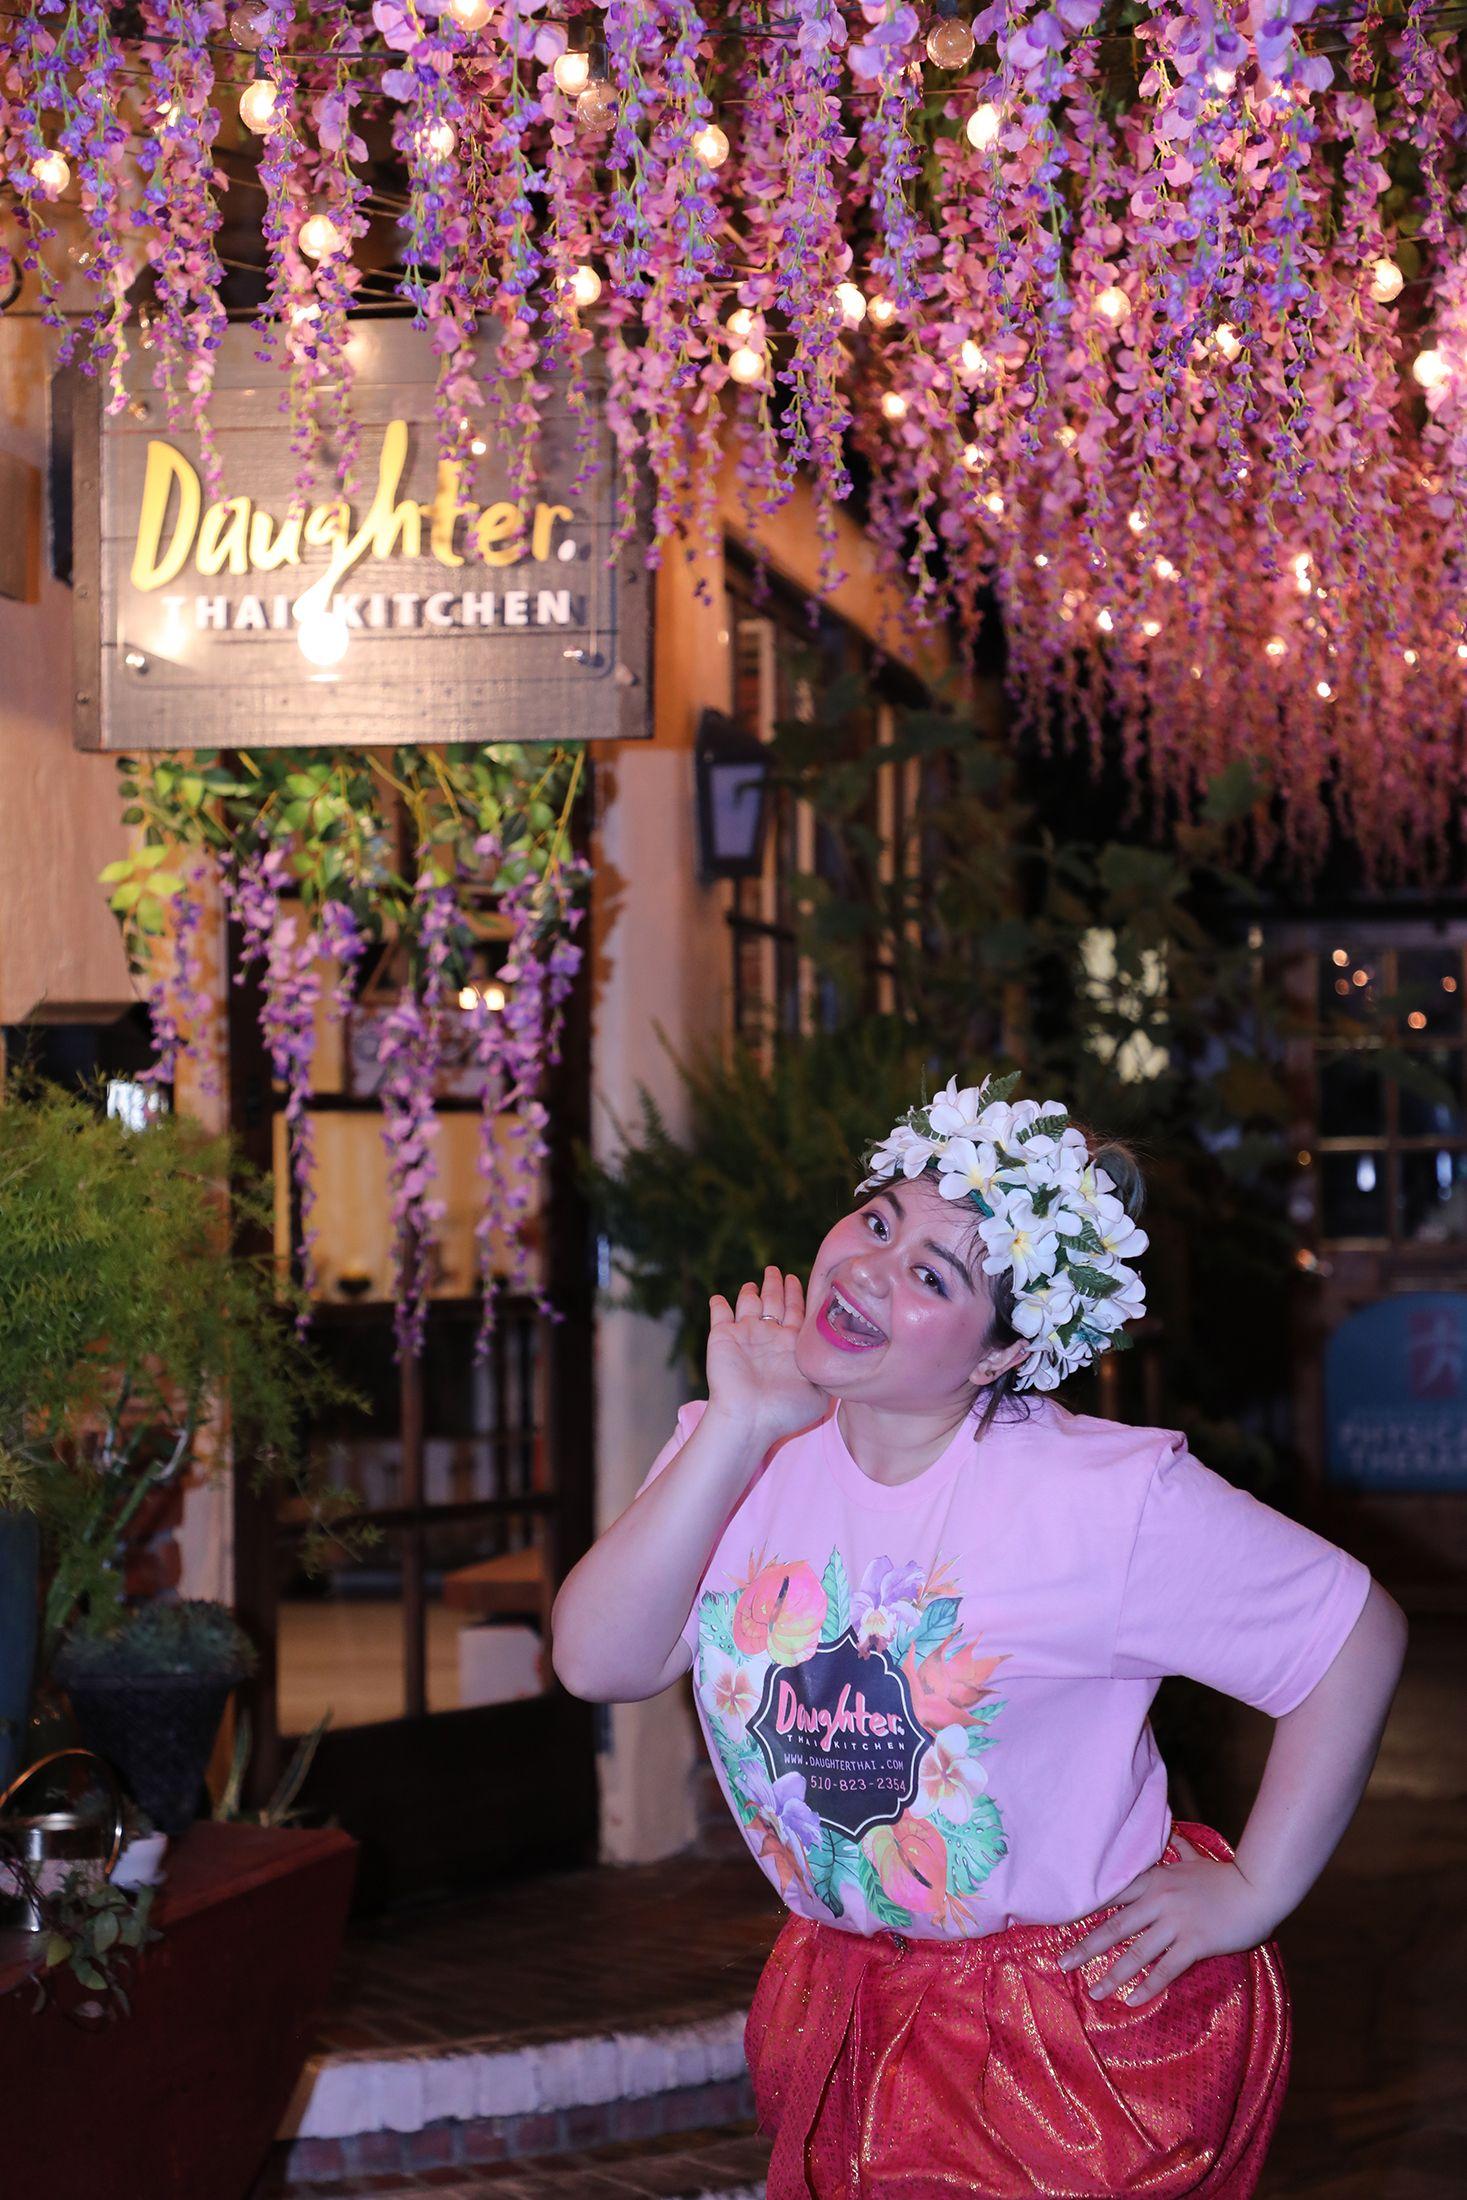 Daughter thai kitchen is the best thai restaurant in the